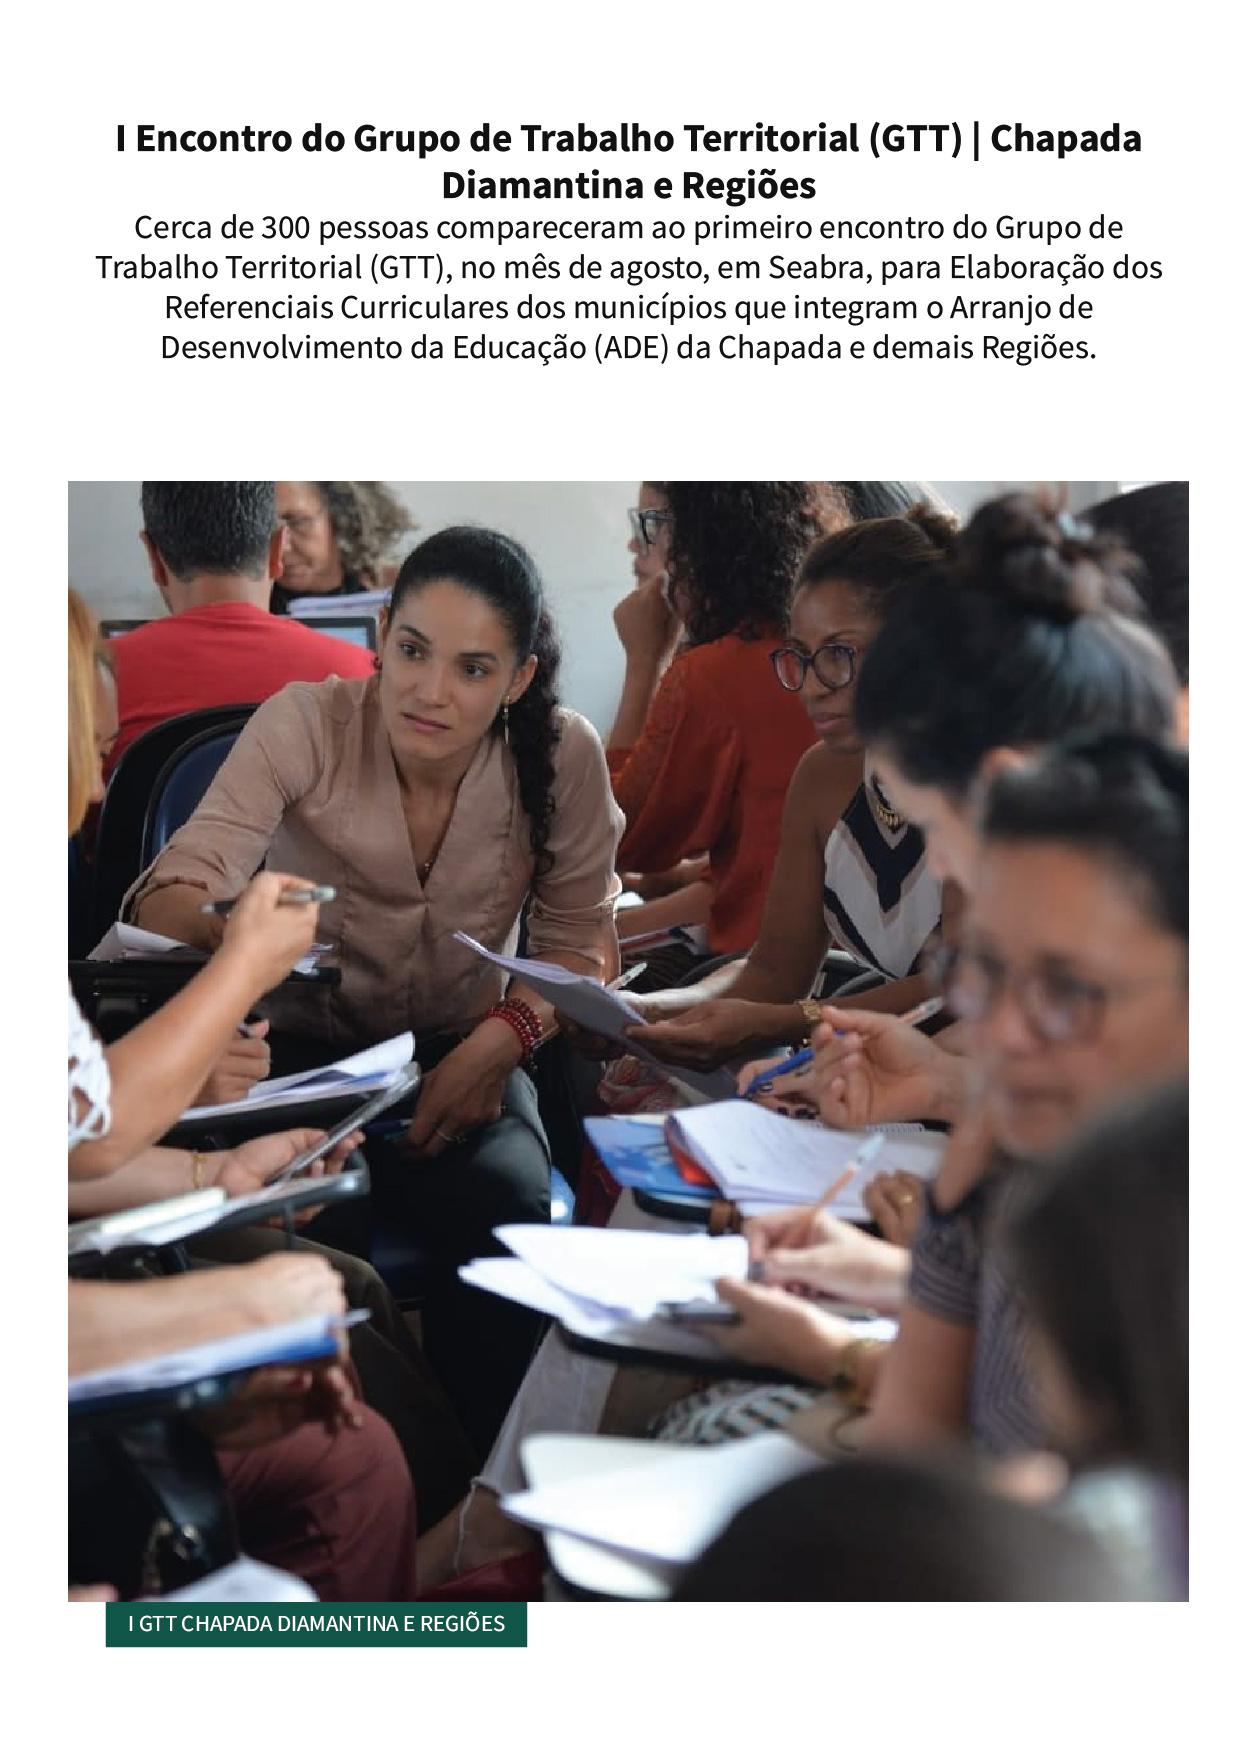 ICEP - Boletim edição 2, versão impressa_Encontros Territoriais